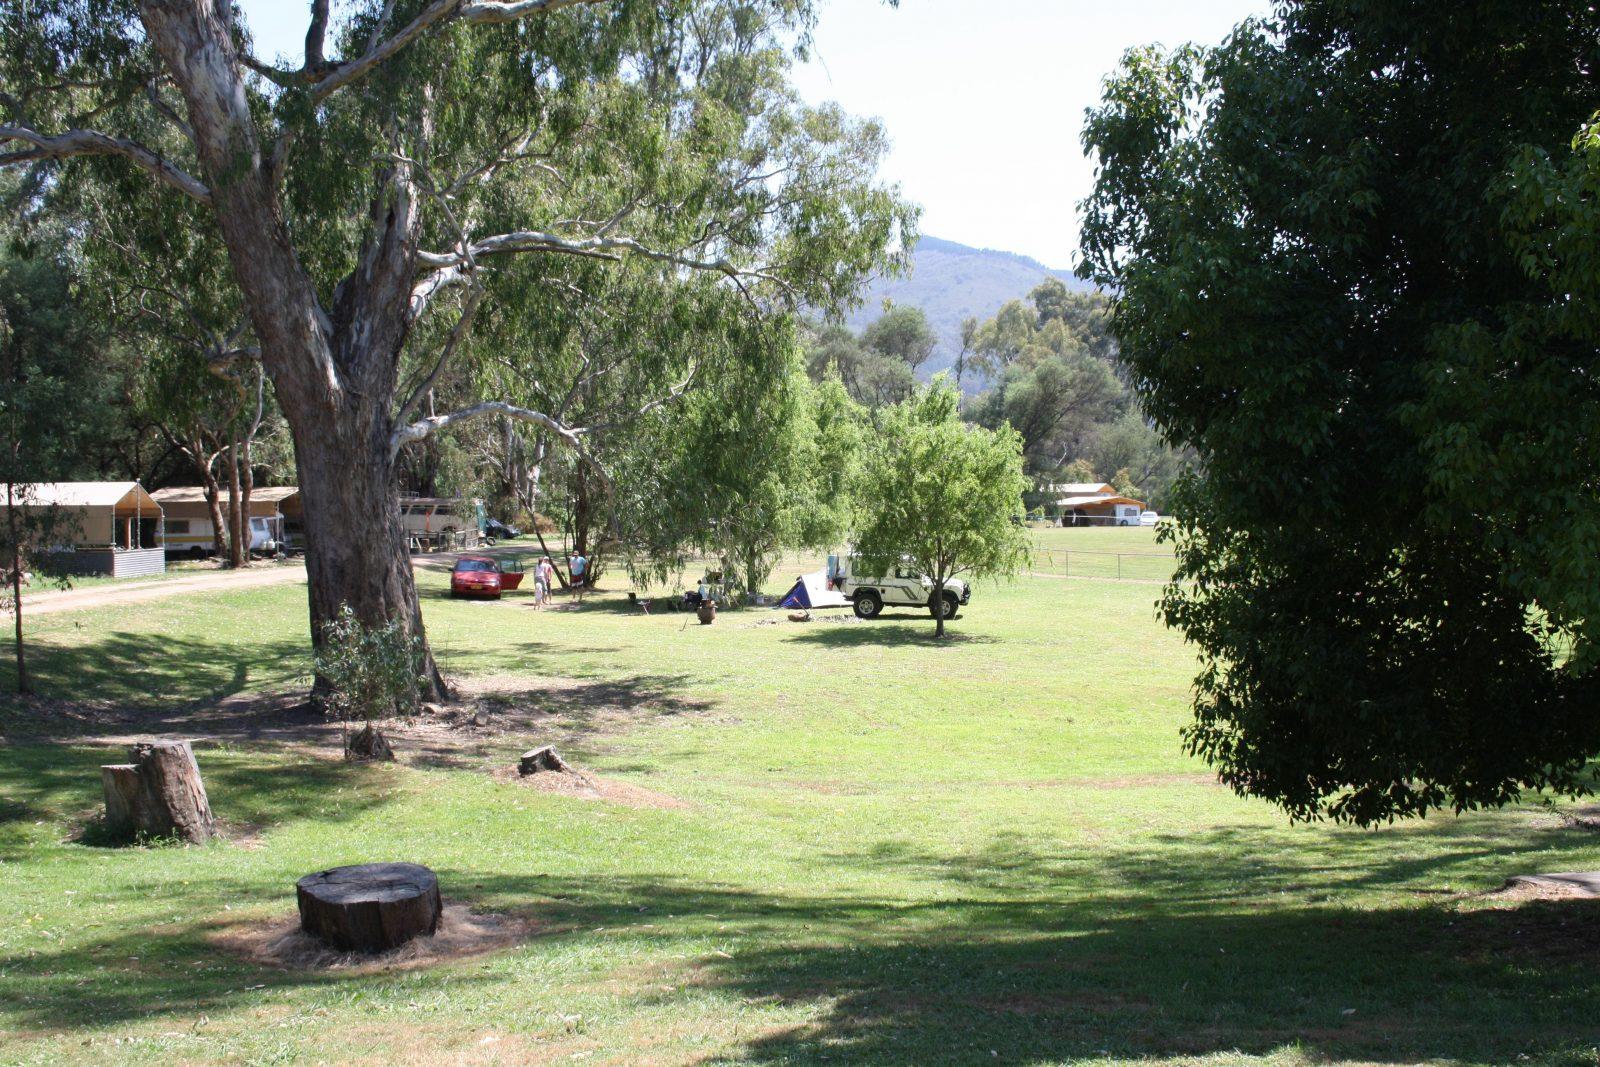 Plenty of camping spots